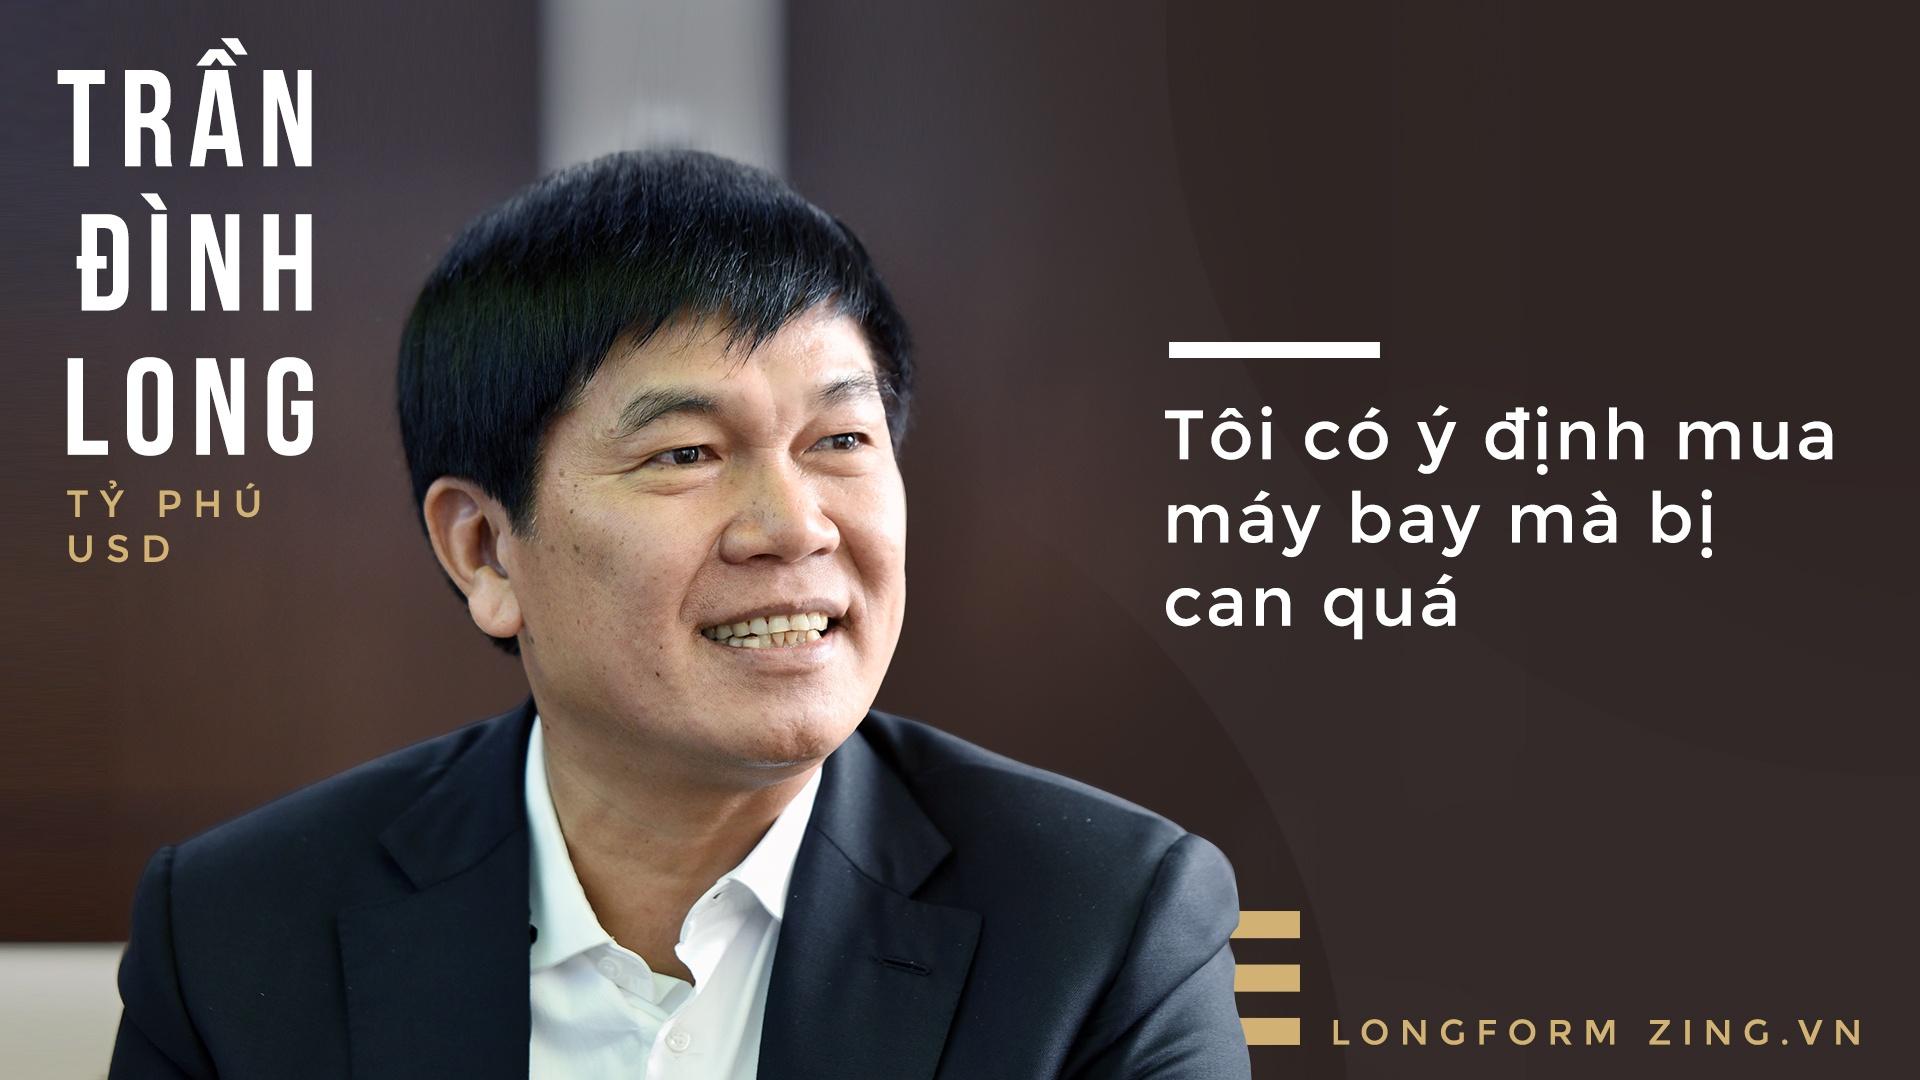 Ty phu USD Tran Dinh Long: 'Toi co y dinh mua may bay ma bi can qua' hinh anh 2